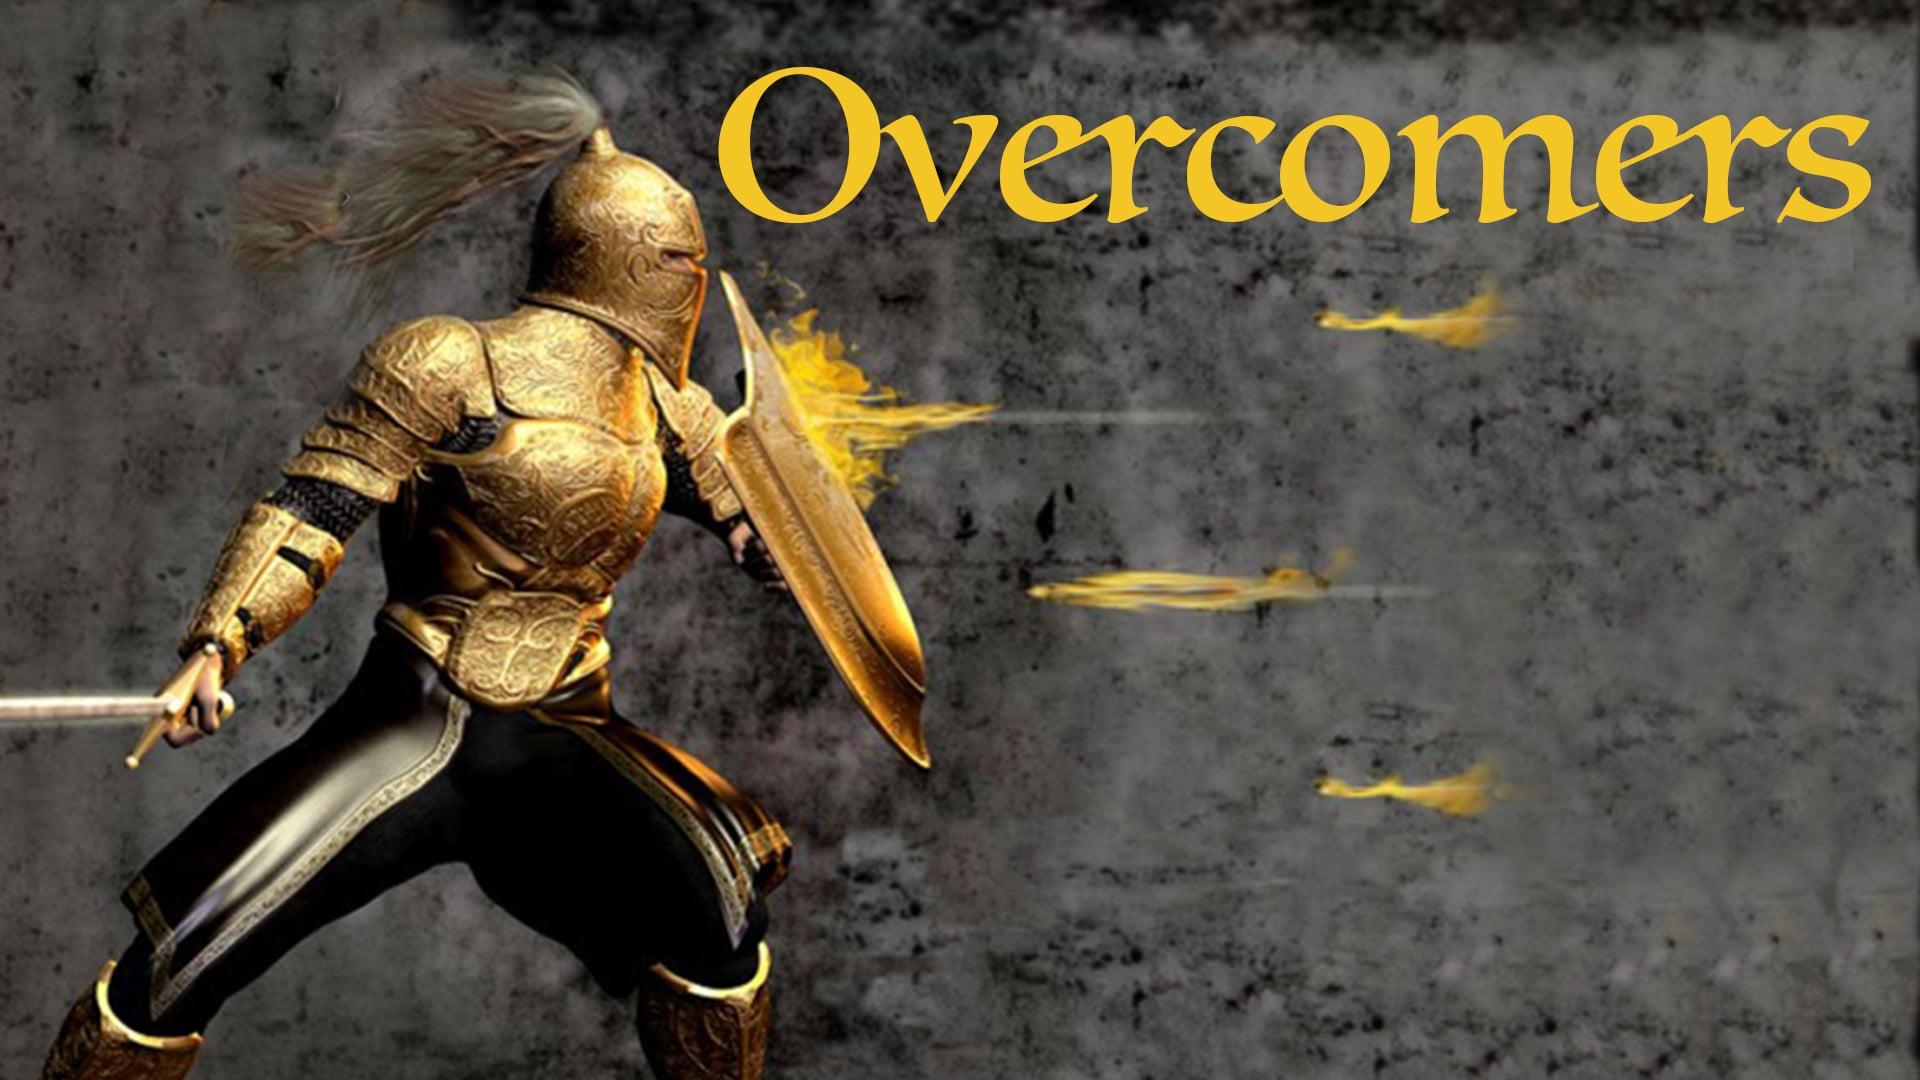 Overcomers - Part 5